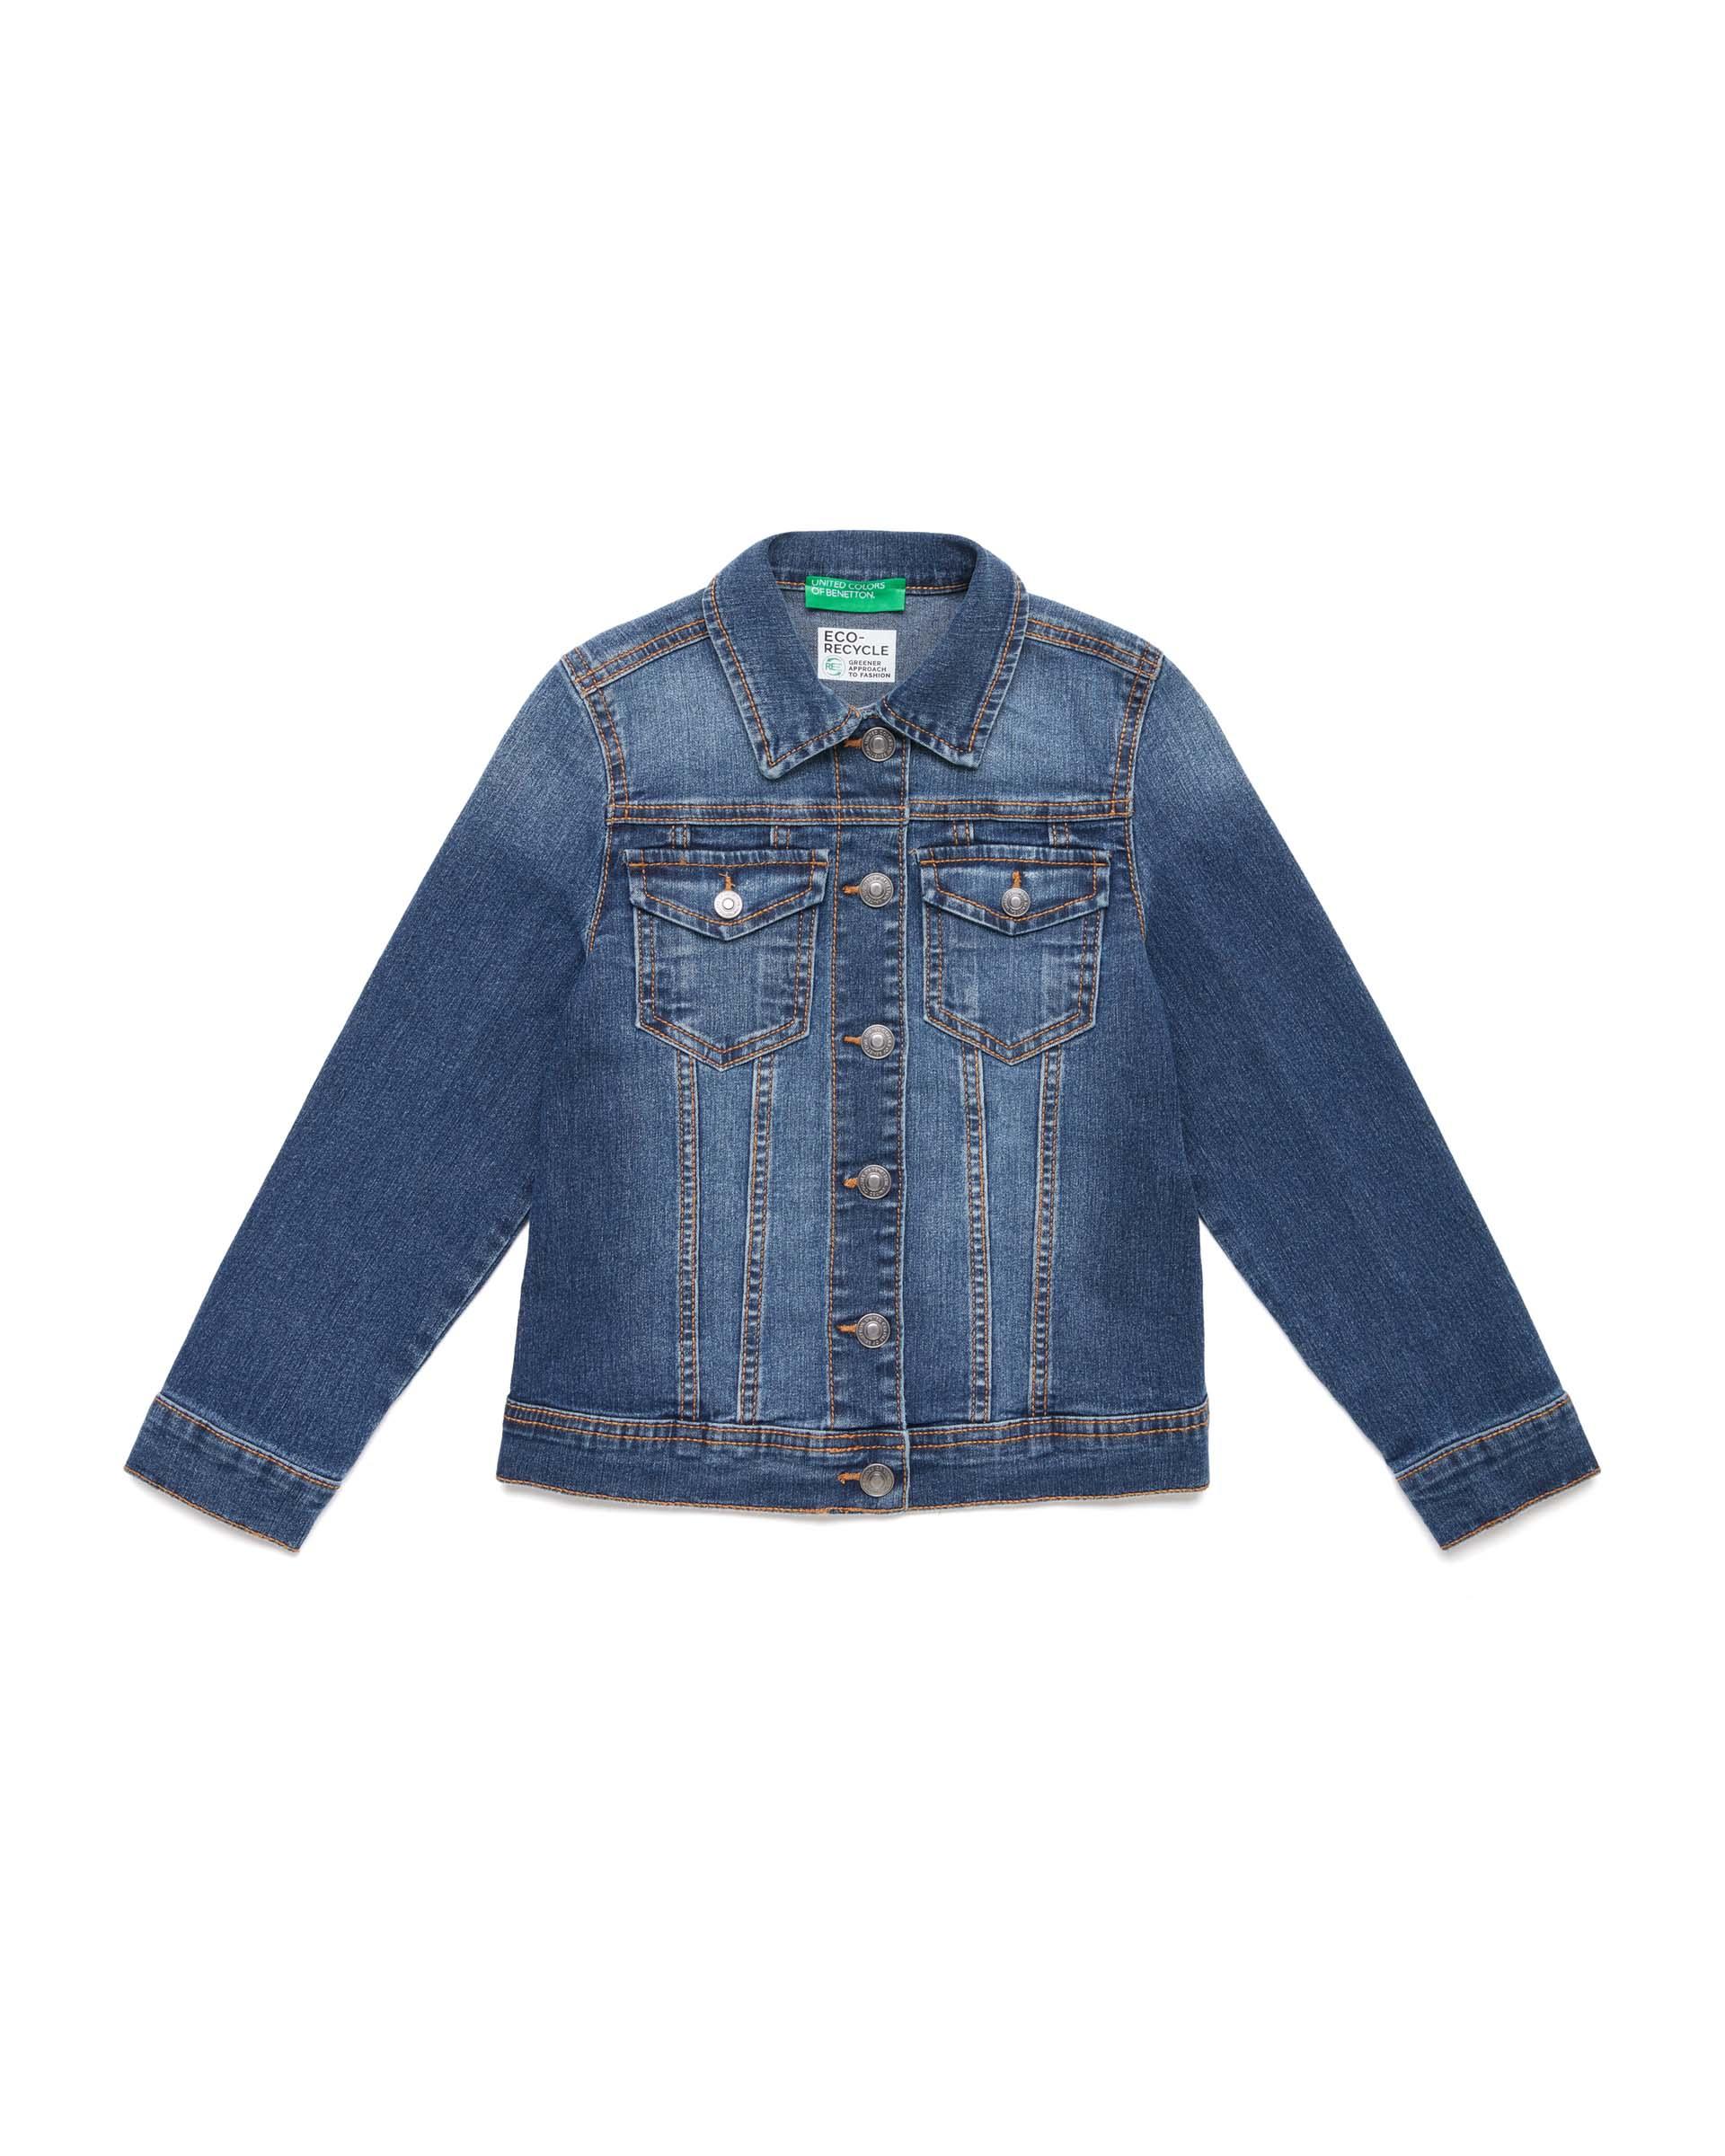 Купить 20P_2XA253HK0_901, Джинсовая куртка для девочек Benetton 2XA253HK0_901 р-р 110, United Colors of Benetton, Куртки для девочек